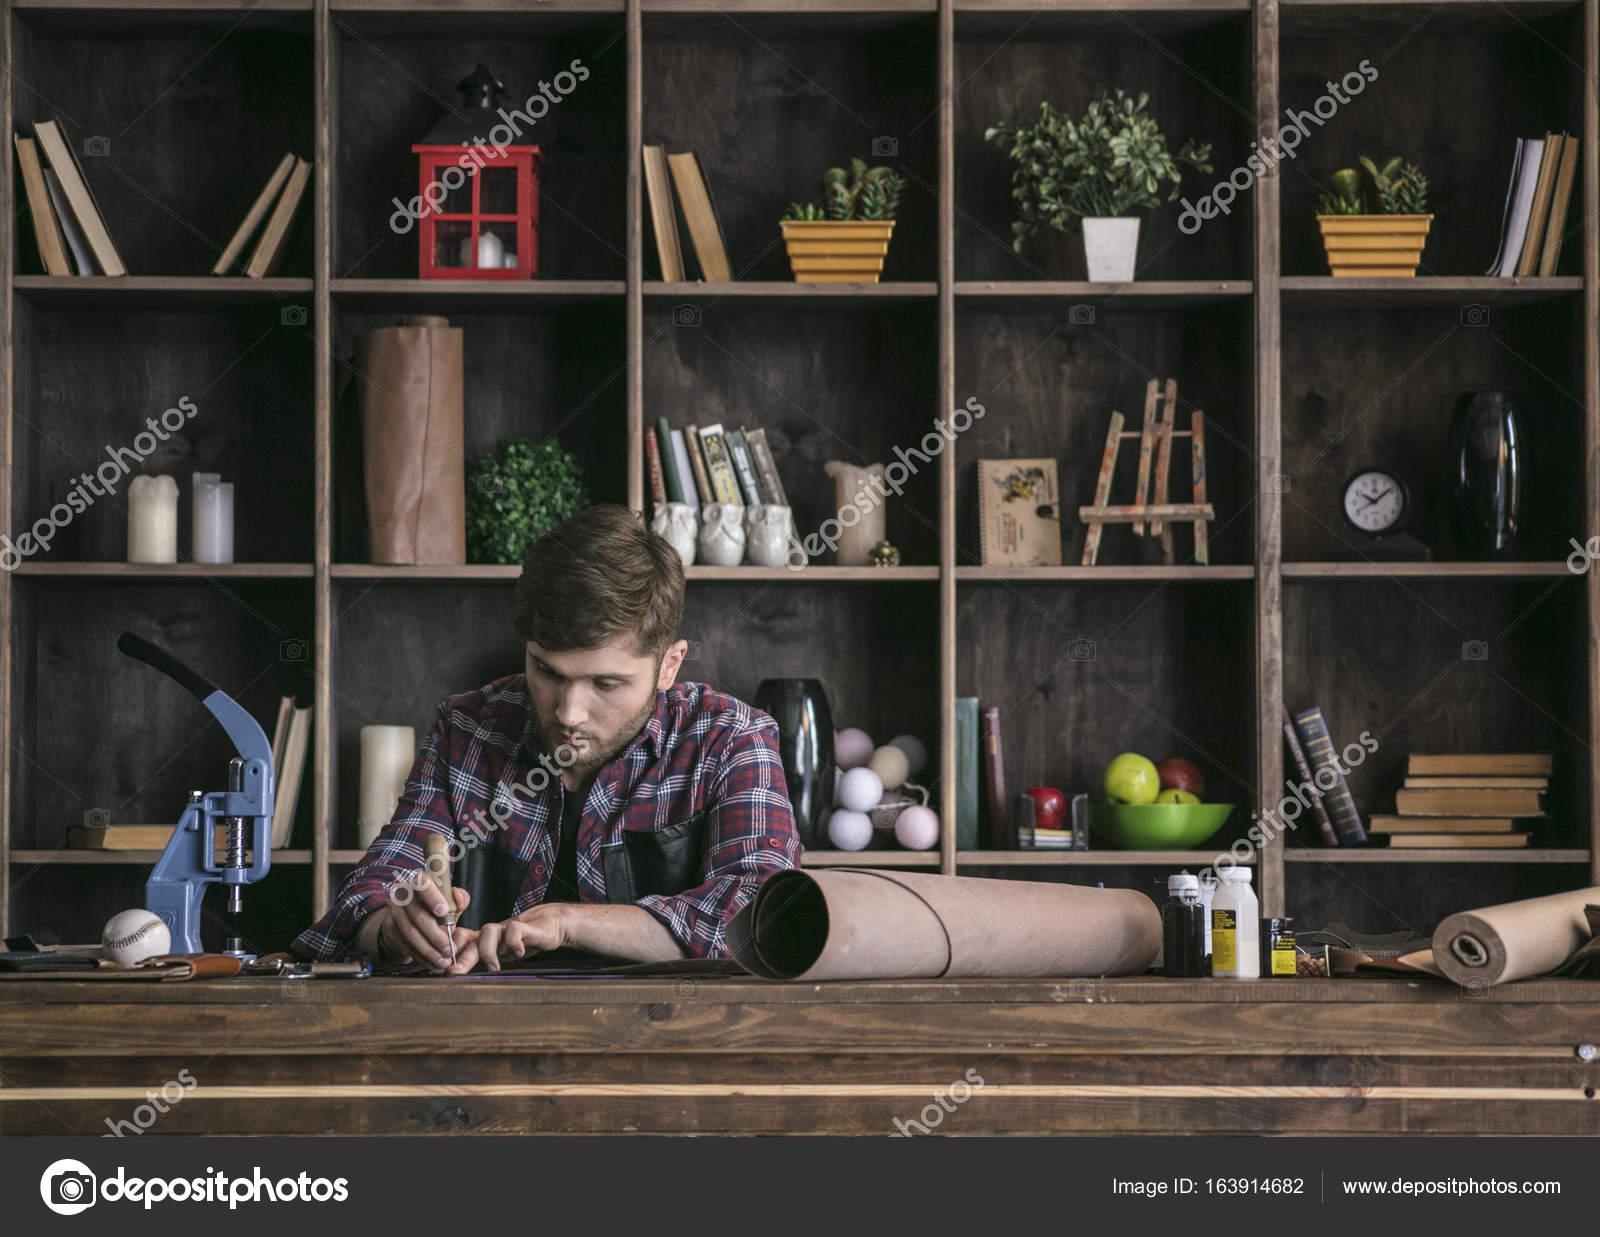 Τακτοποιημένη εργασία με το εργαλείο. Νεαρός άνδρας δερμάτινων ειδών  κατασκευαστής κάθεται στο ξύλινο τραπέζι και τη χρήση του awl να κάνει κοπή  δέρμα στο ... c6ce4b46b91